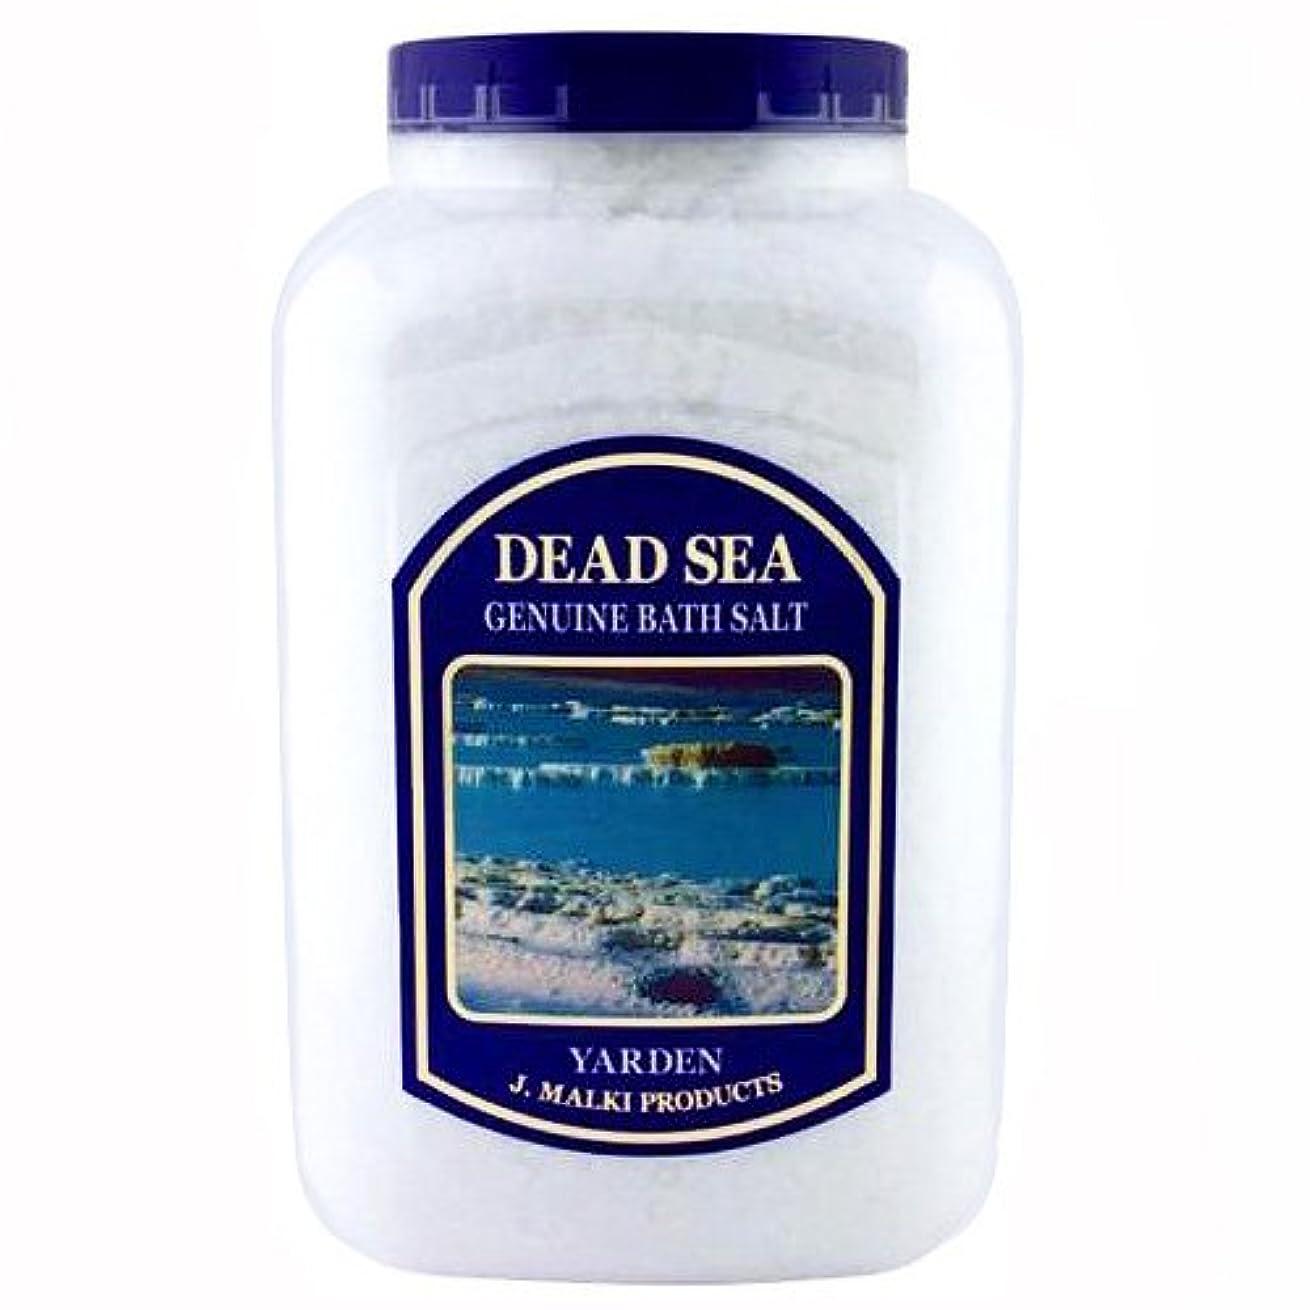 一貫したフラフープ風が強いデッドシー?バスソルト 4.5kg(約45回分)【DEAD SEA BATH SALT】死海の塩/入浴剤(入浴用化粧品)【正規販売店】